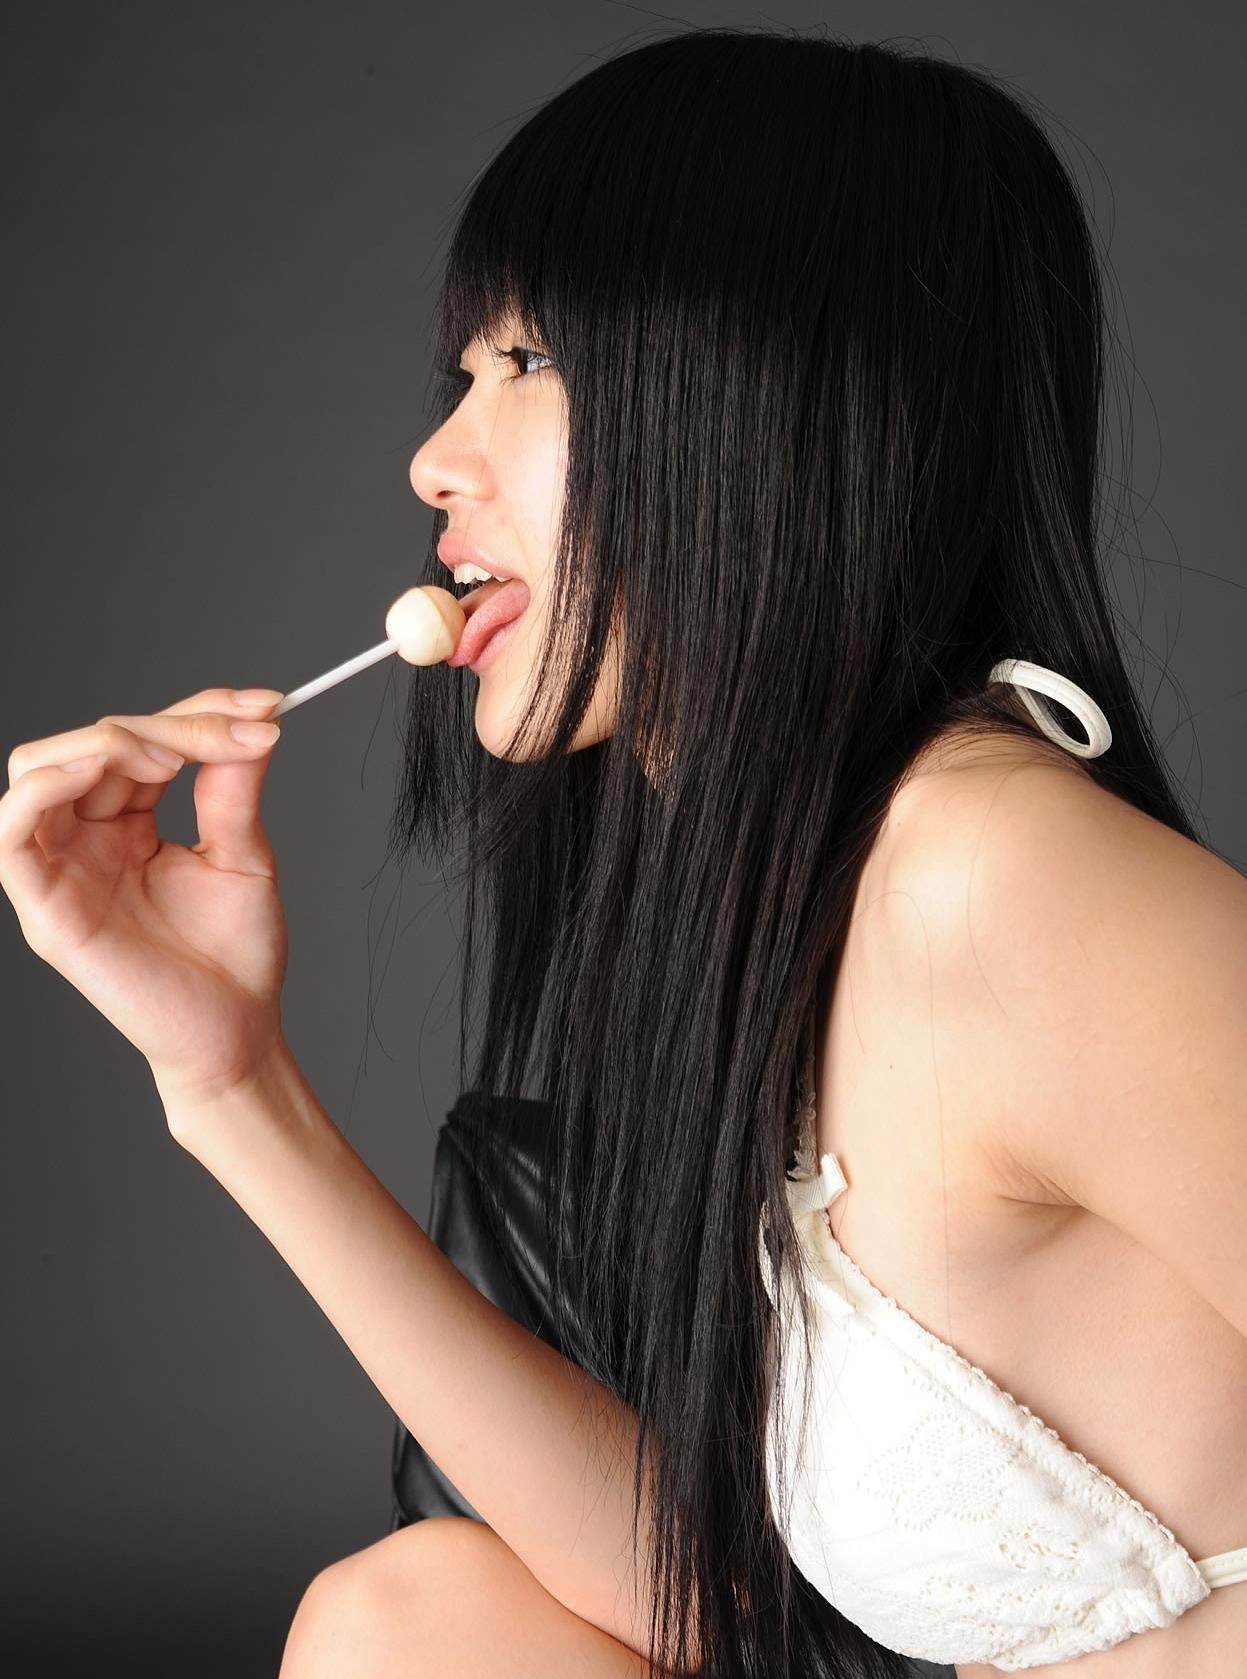 柳恵梨菜の舌出し飴舐め (4)